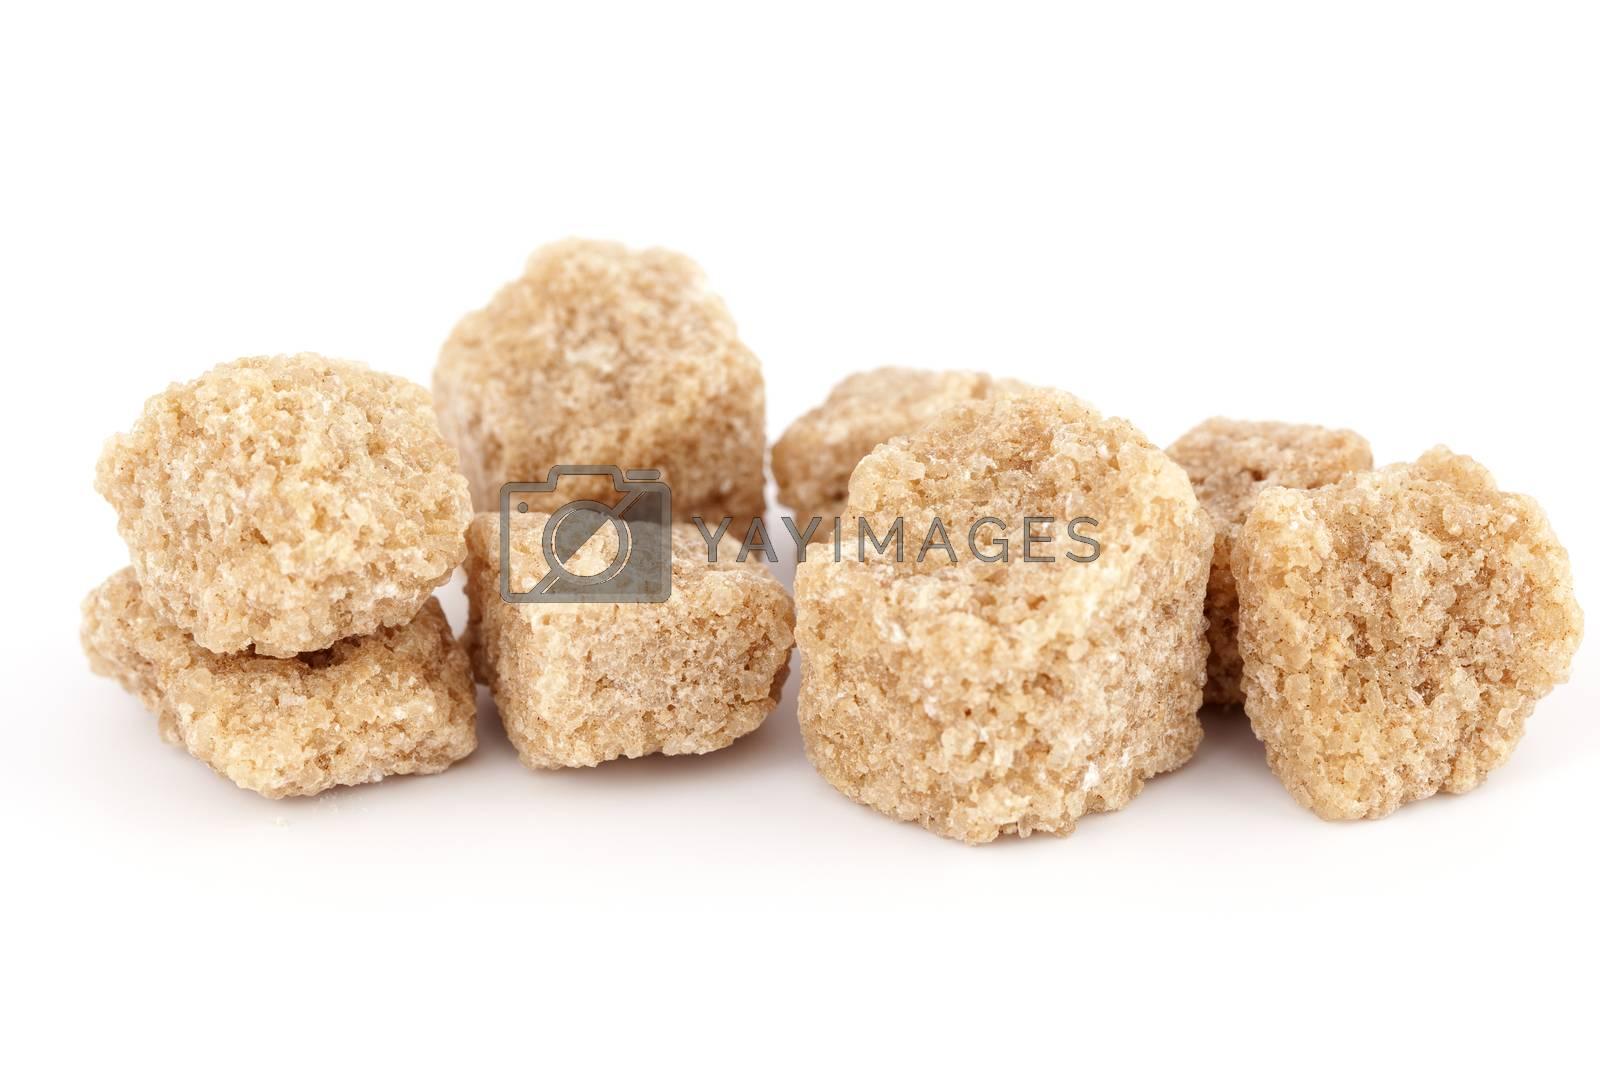 brown sugar in ankles  by dabjola